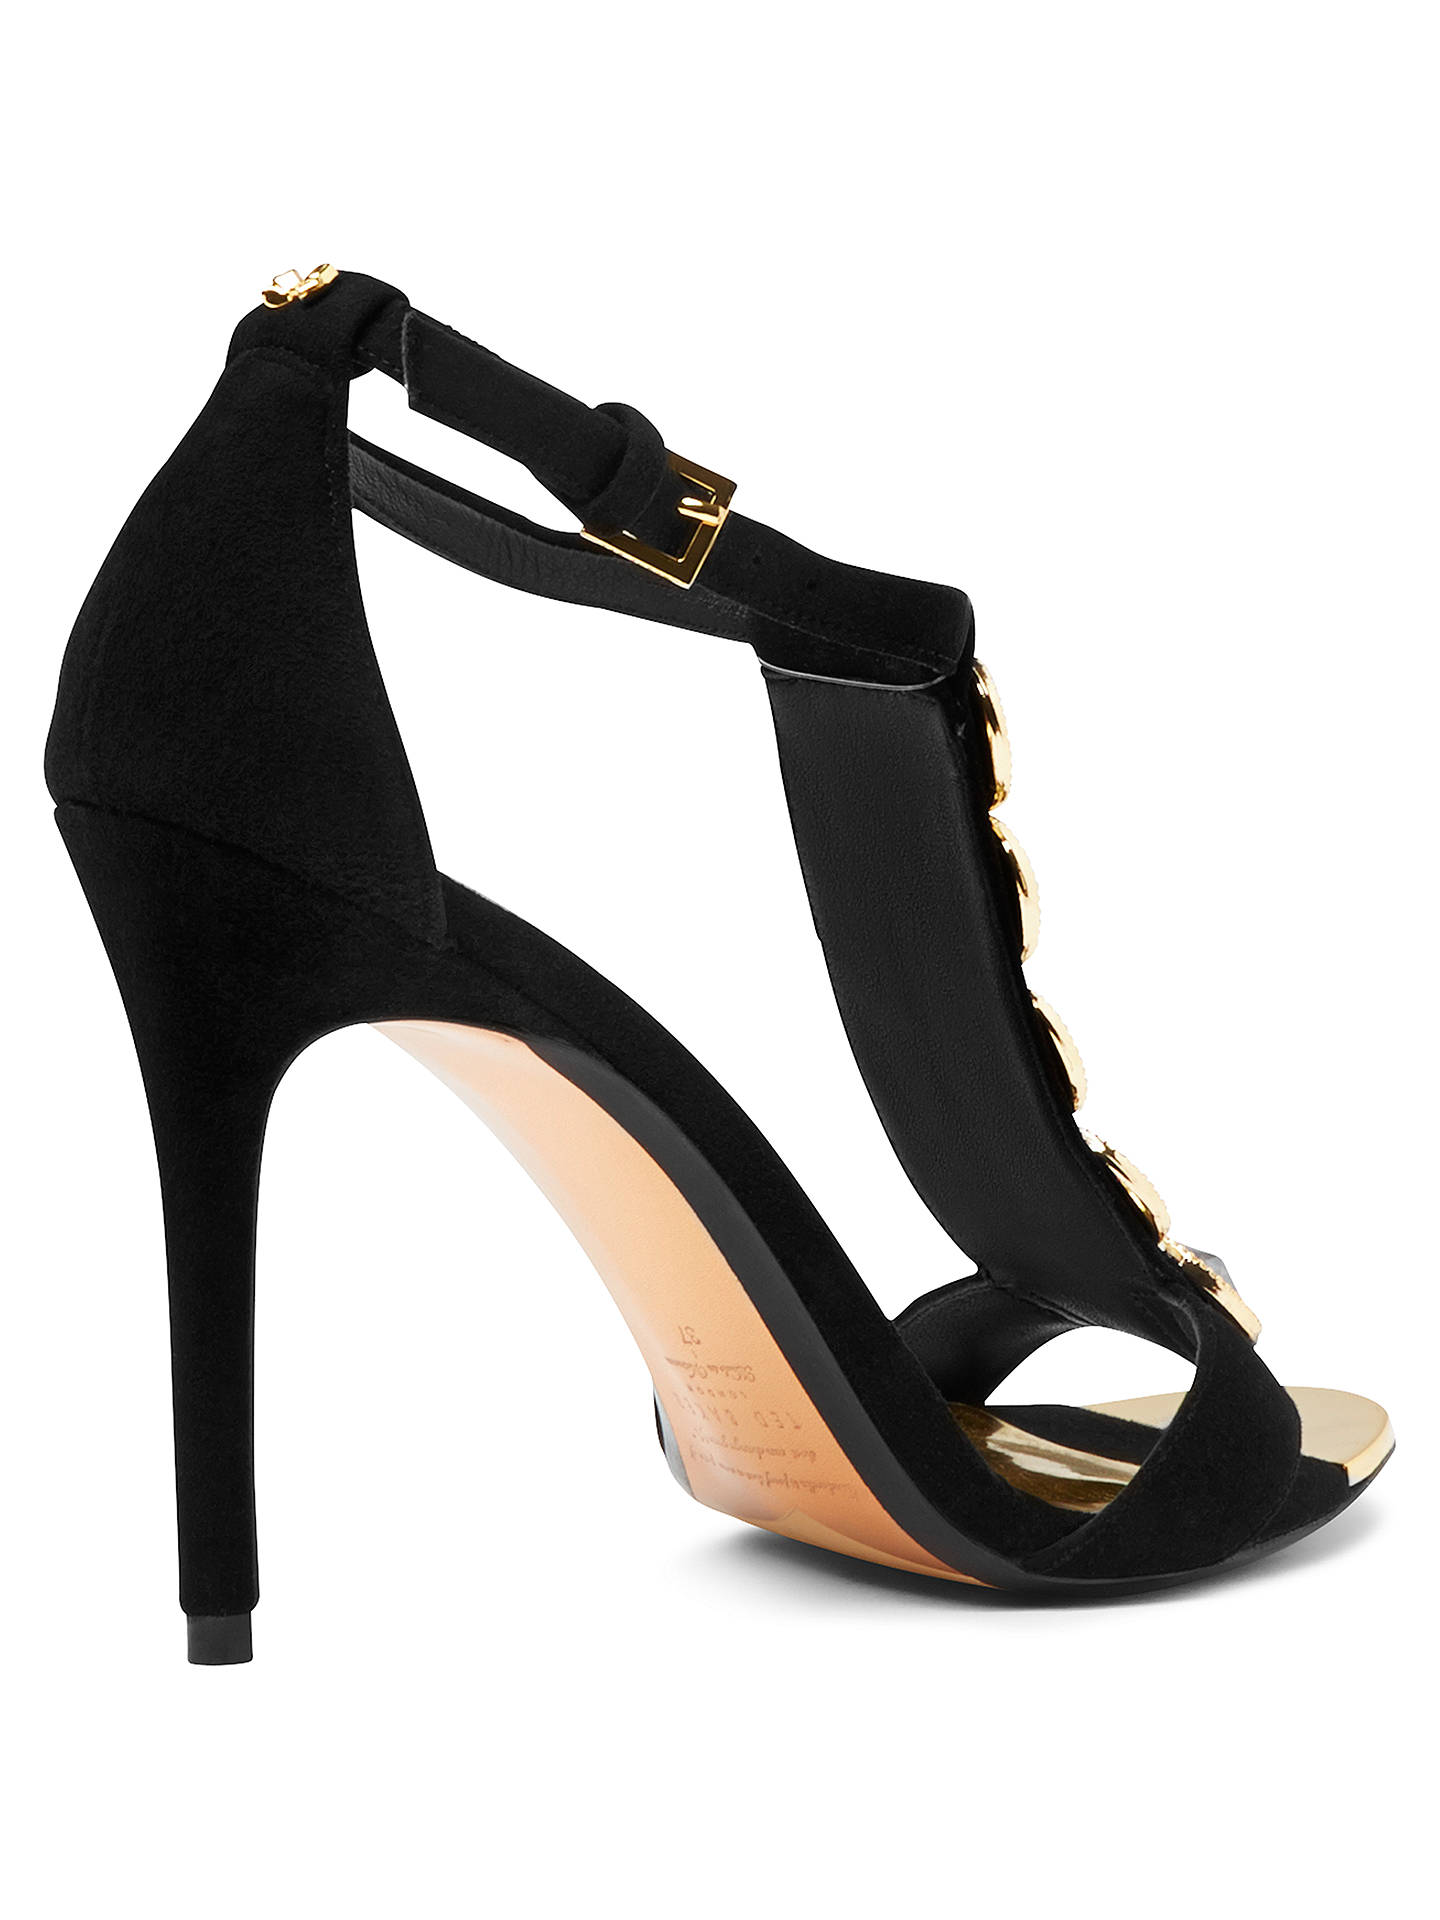 fcc596168 Ted Baker Zlamin Embellished Ankle Strap High Heel Sandals at John ...